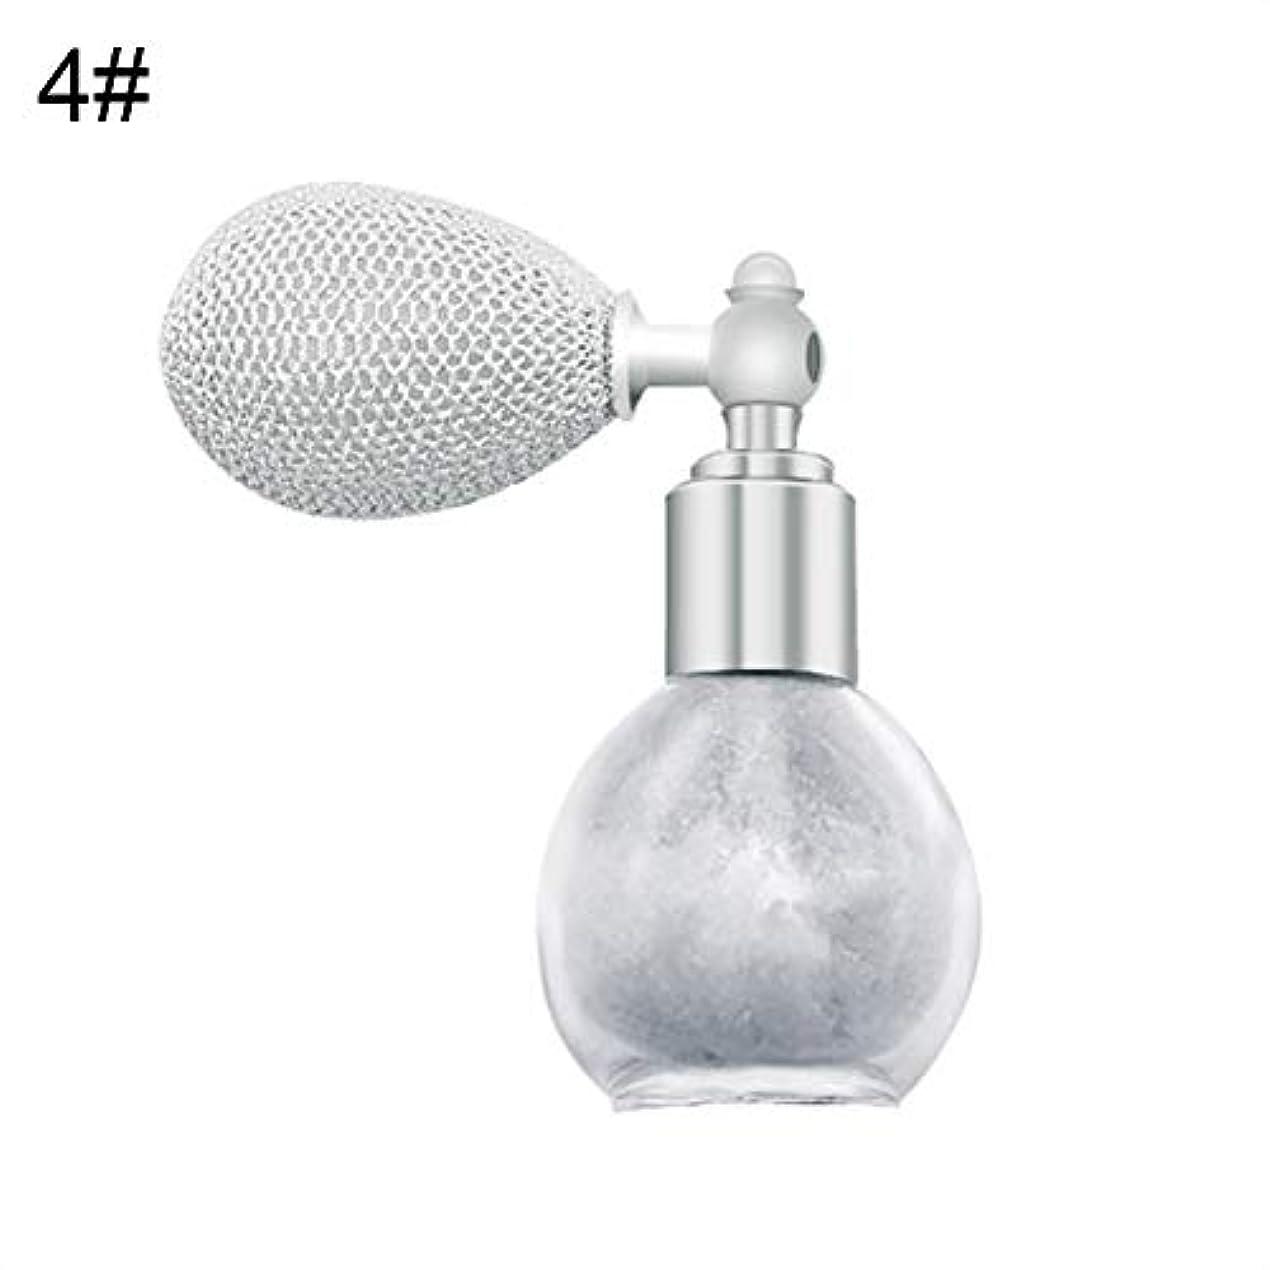 FANA女性美容エアバッグスプレーフレグランスグリッターハイライトパウダー化粧品 - 4#